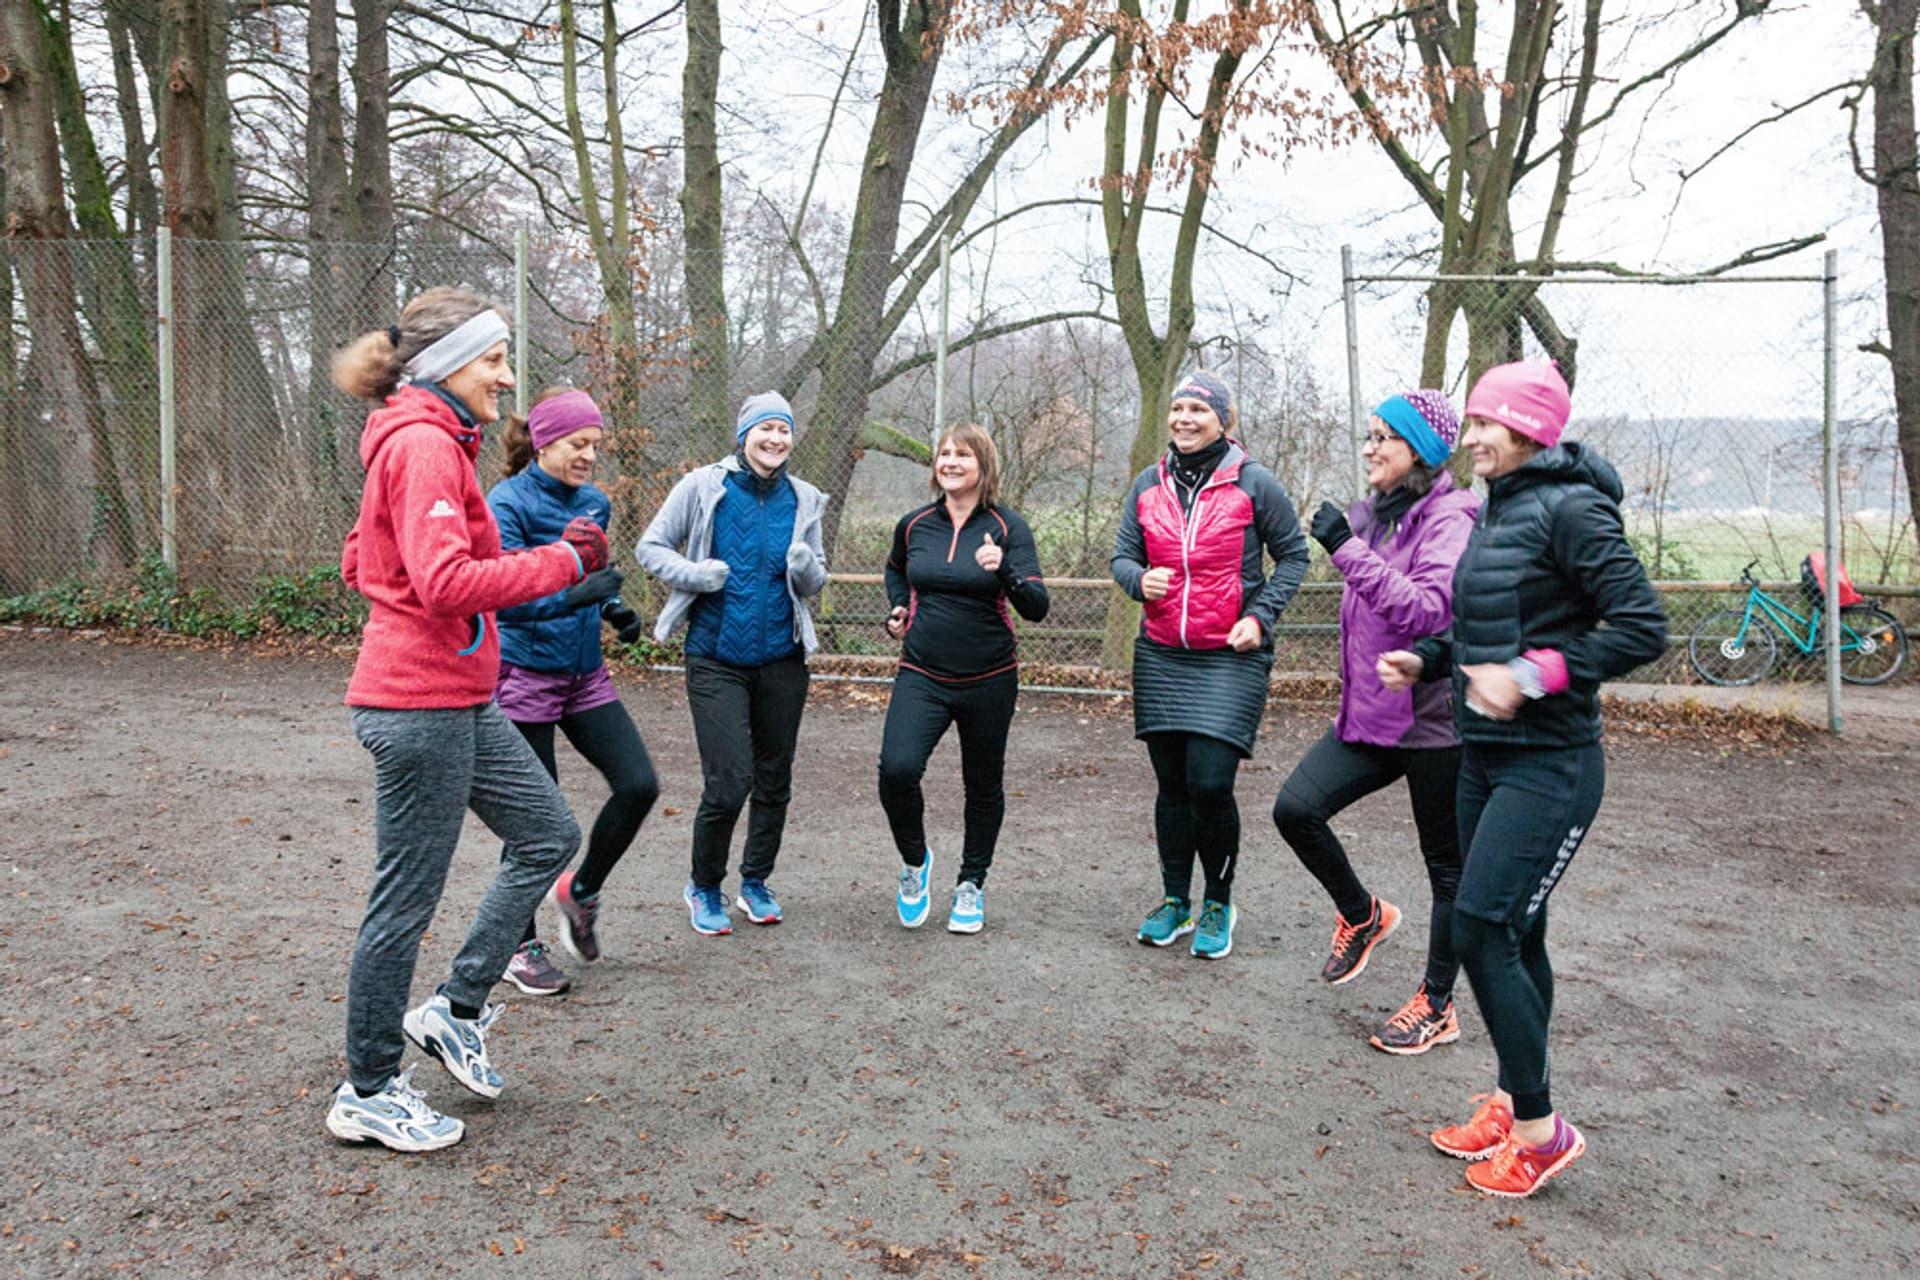 Sieben Teilnehmer beim Lauftraining wärmen sich auf